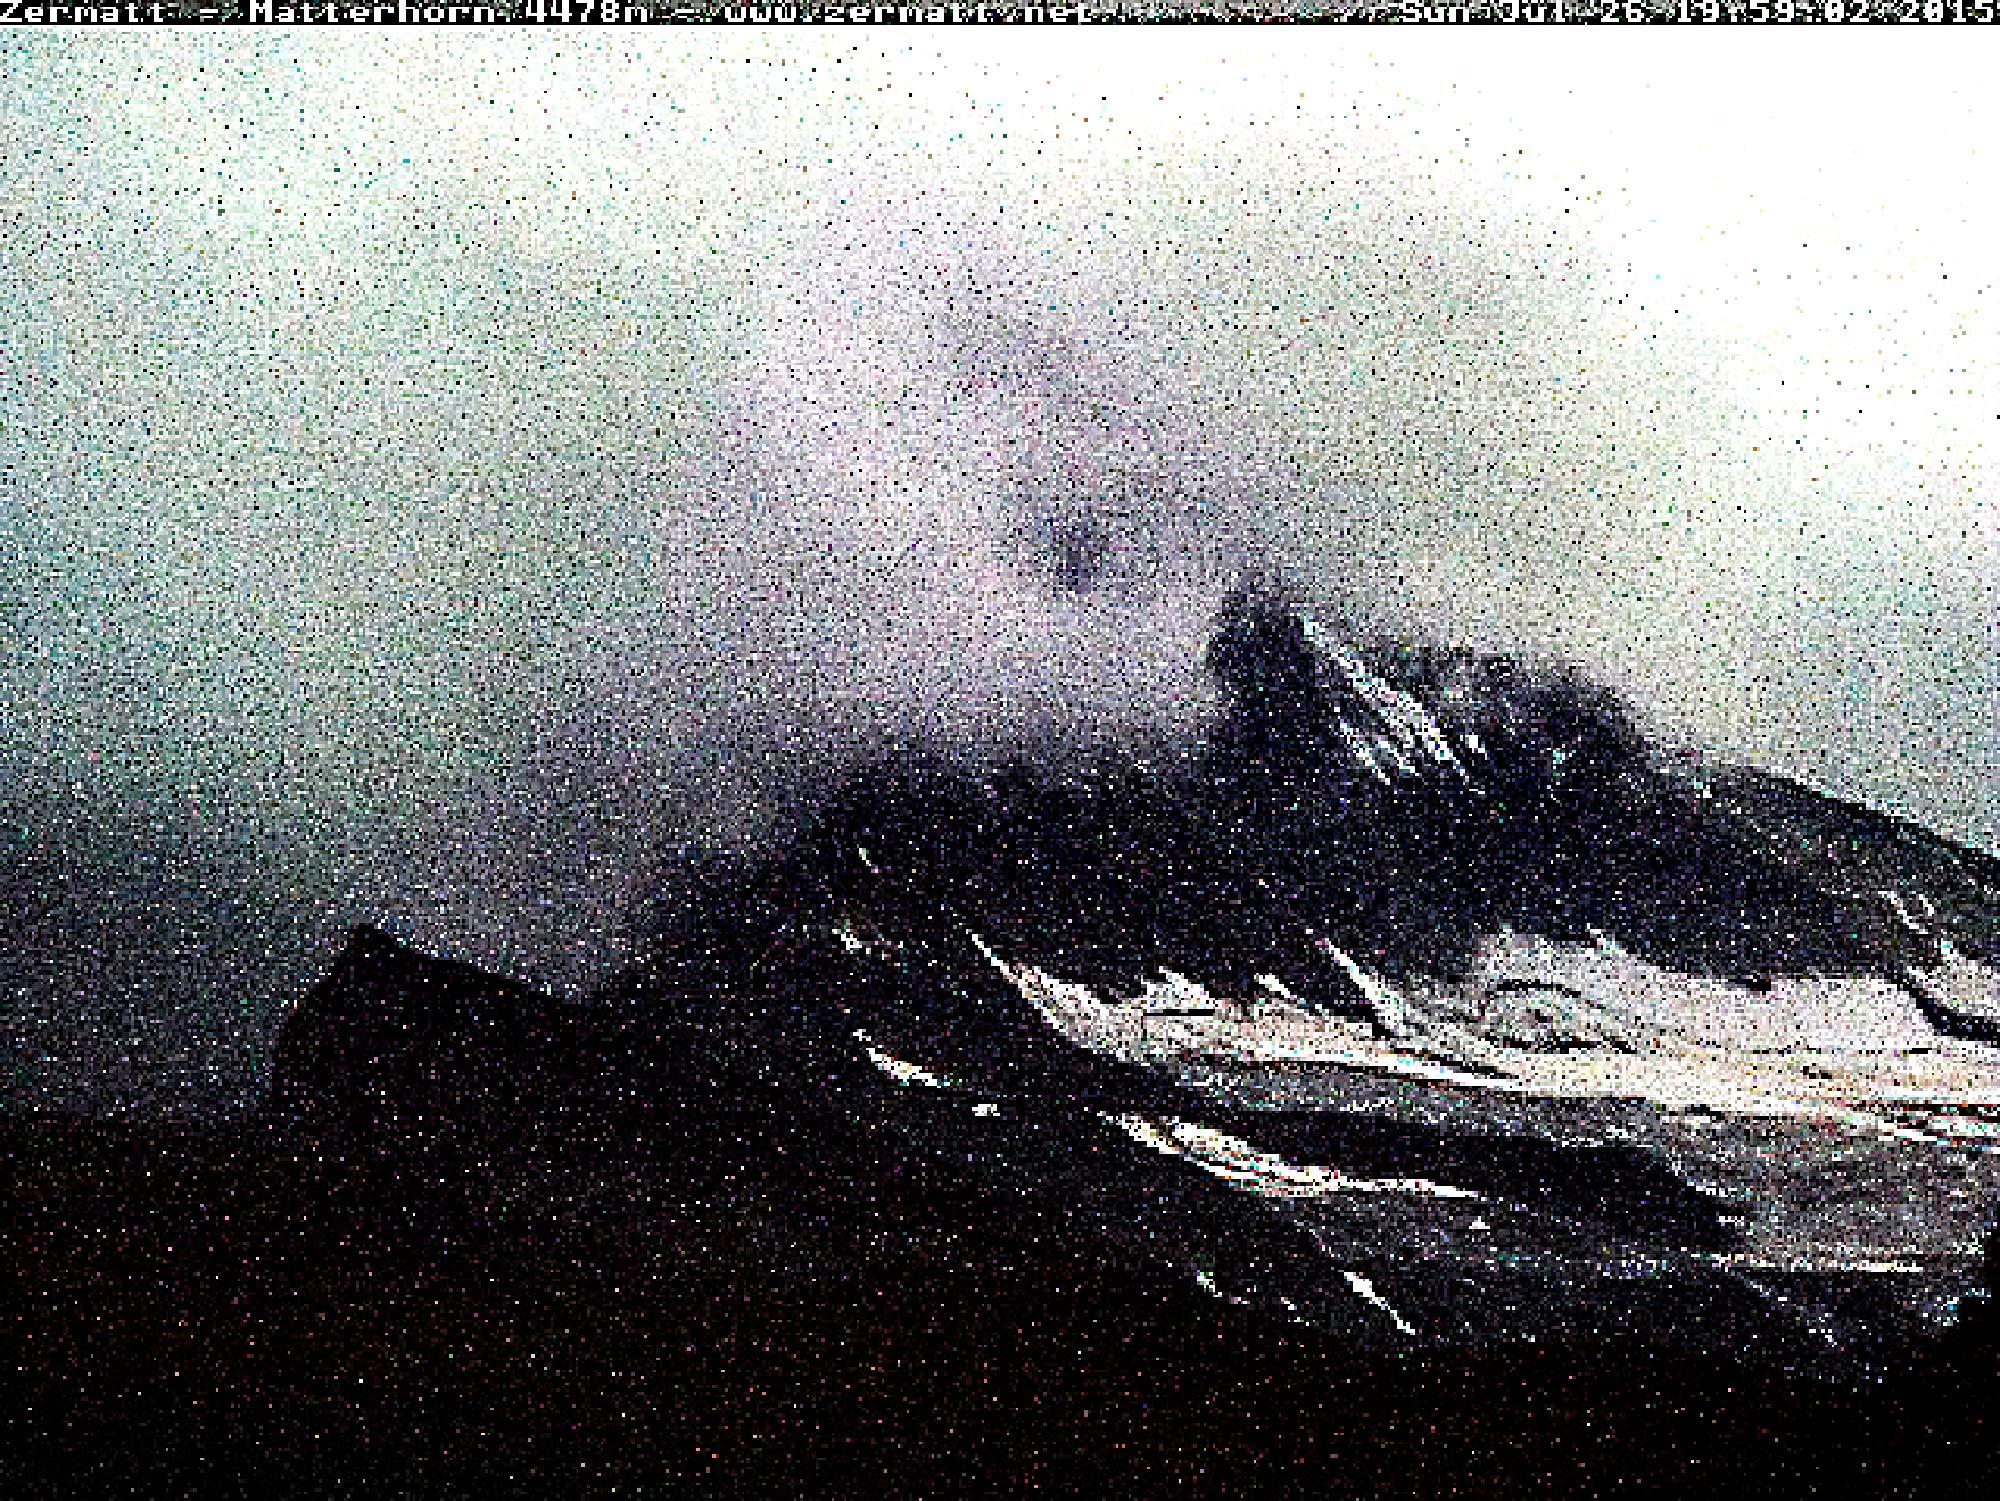 #1941 Matterhorn 2012 07 26